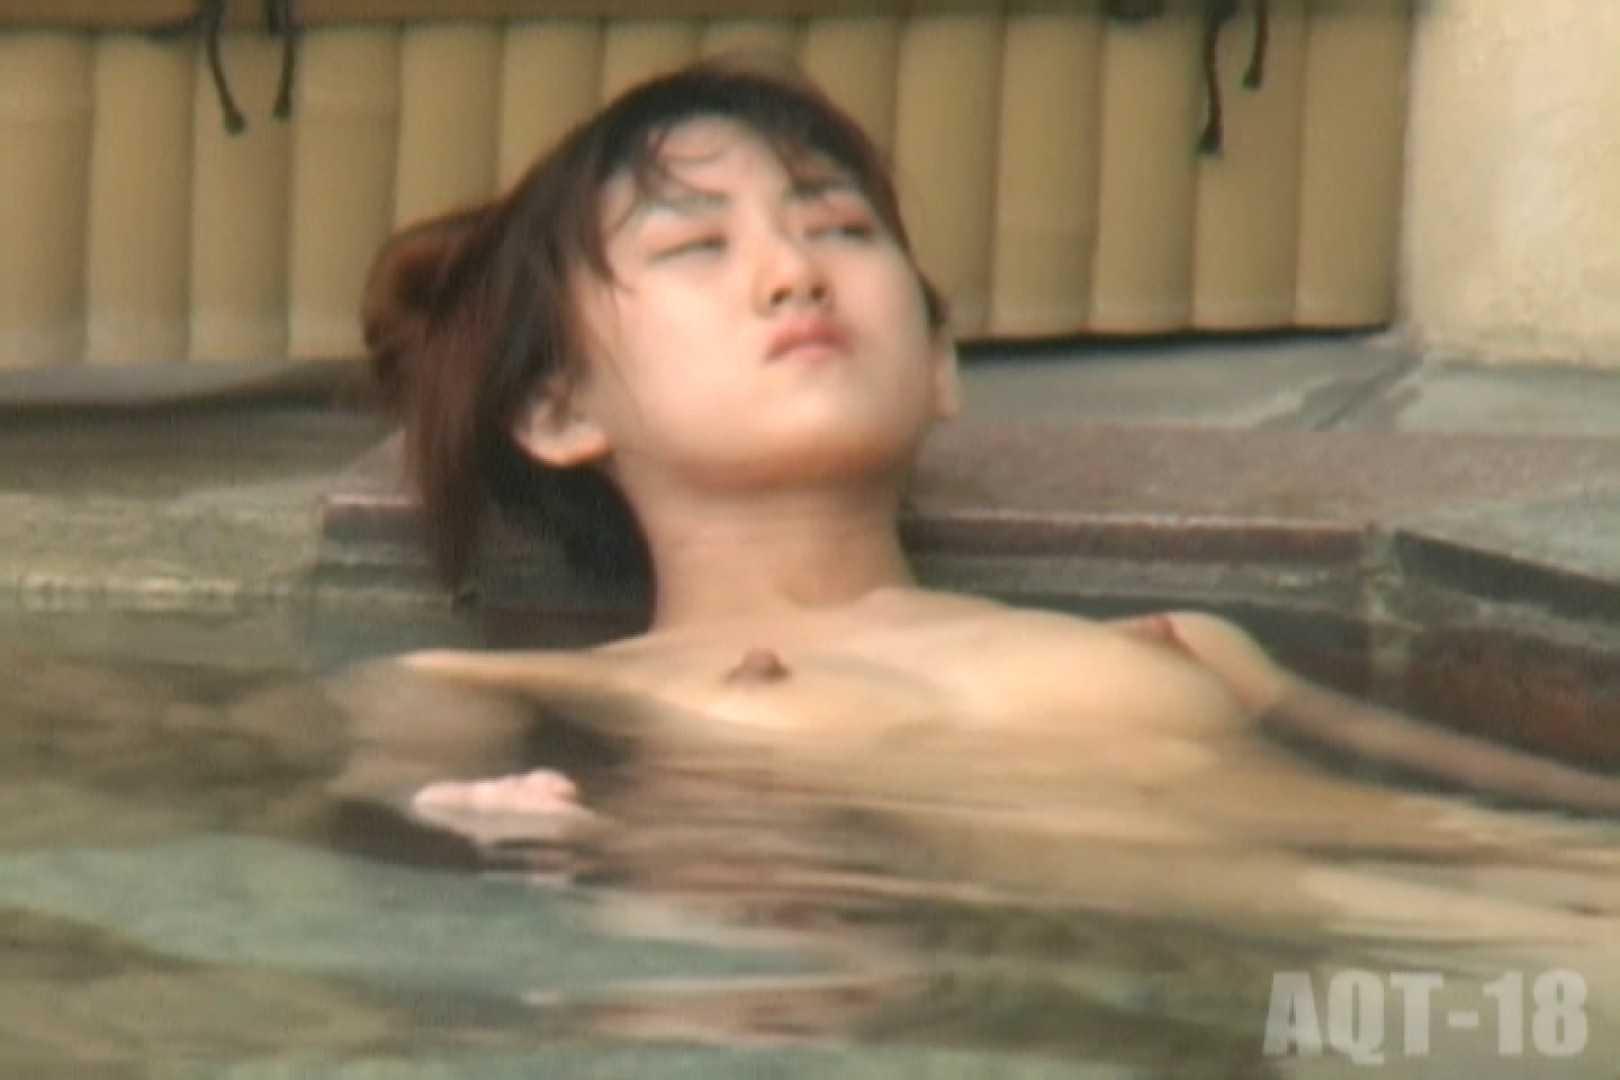 Aquaな露天風呂Vol.862 露天   OLエロ画像  92PICs 28